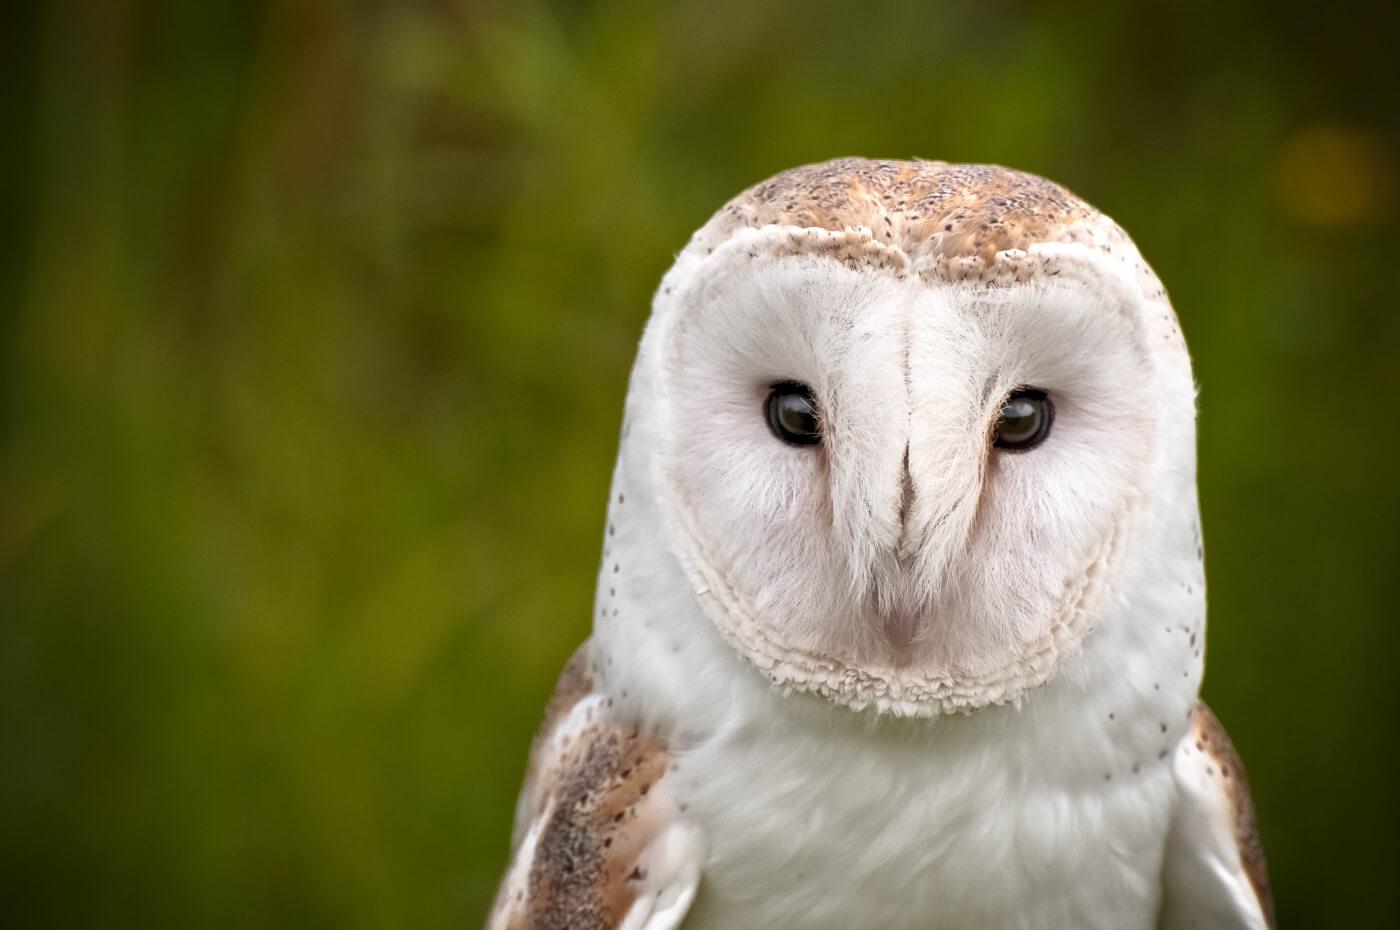 Owl Expert Opposes Cruel Experiments at Johns Hopkins   PETA